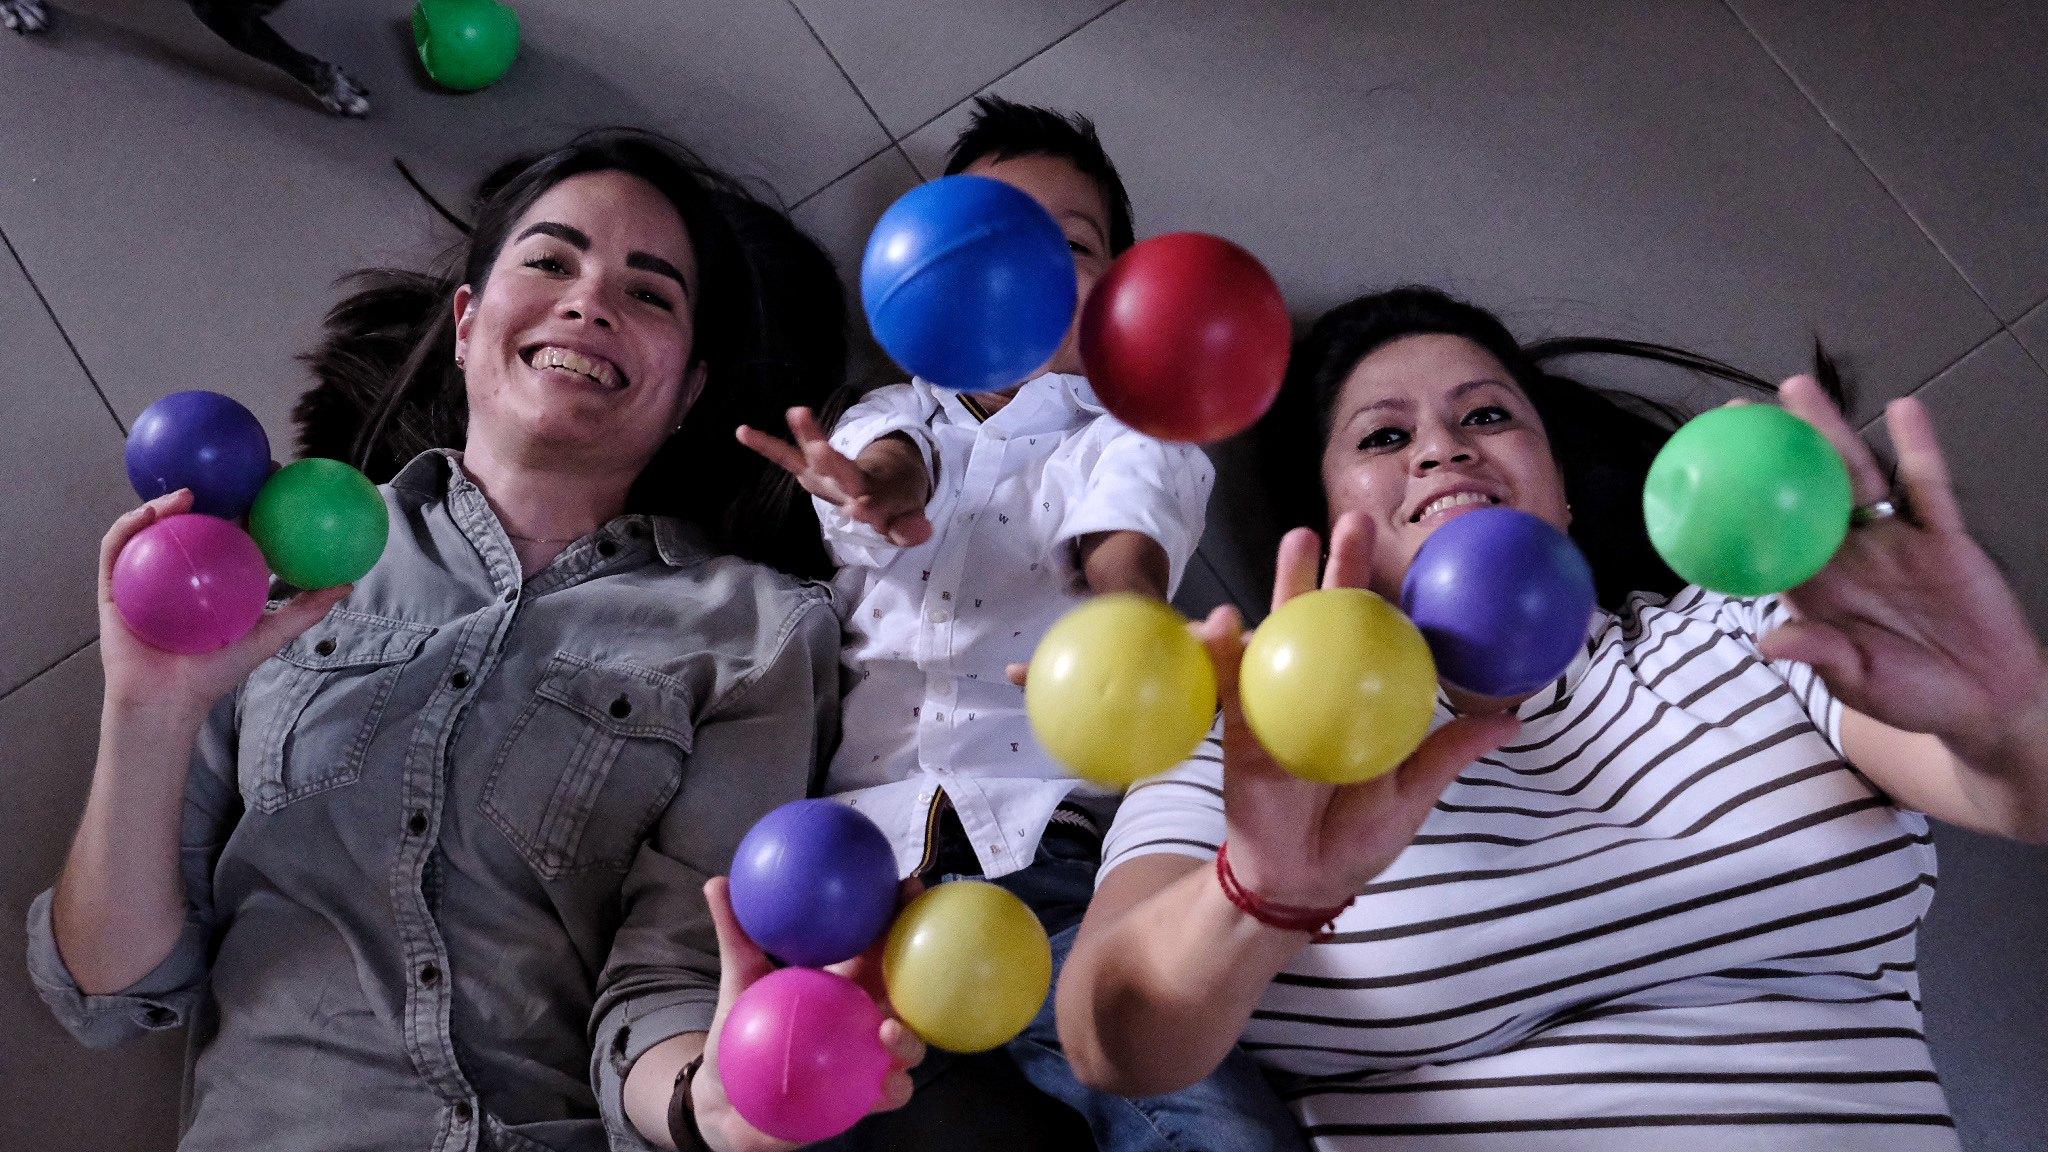 Gracias a la adopción, Palmira y Gabriela le dan a un menor de edad el derecho a vivir en familia.